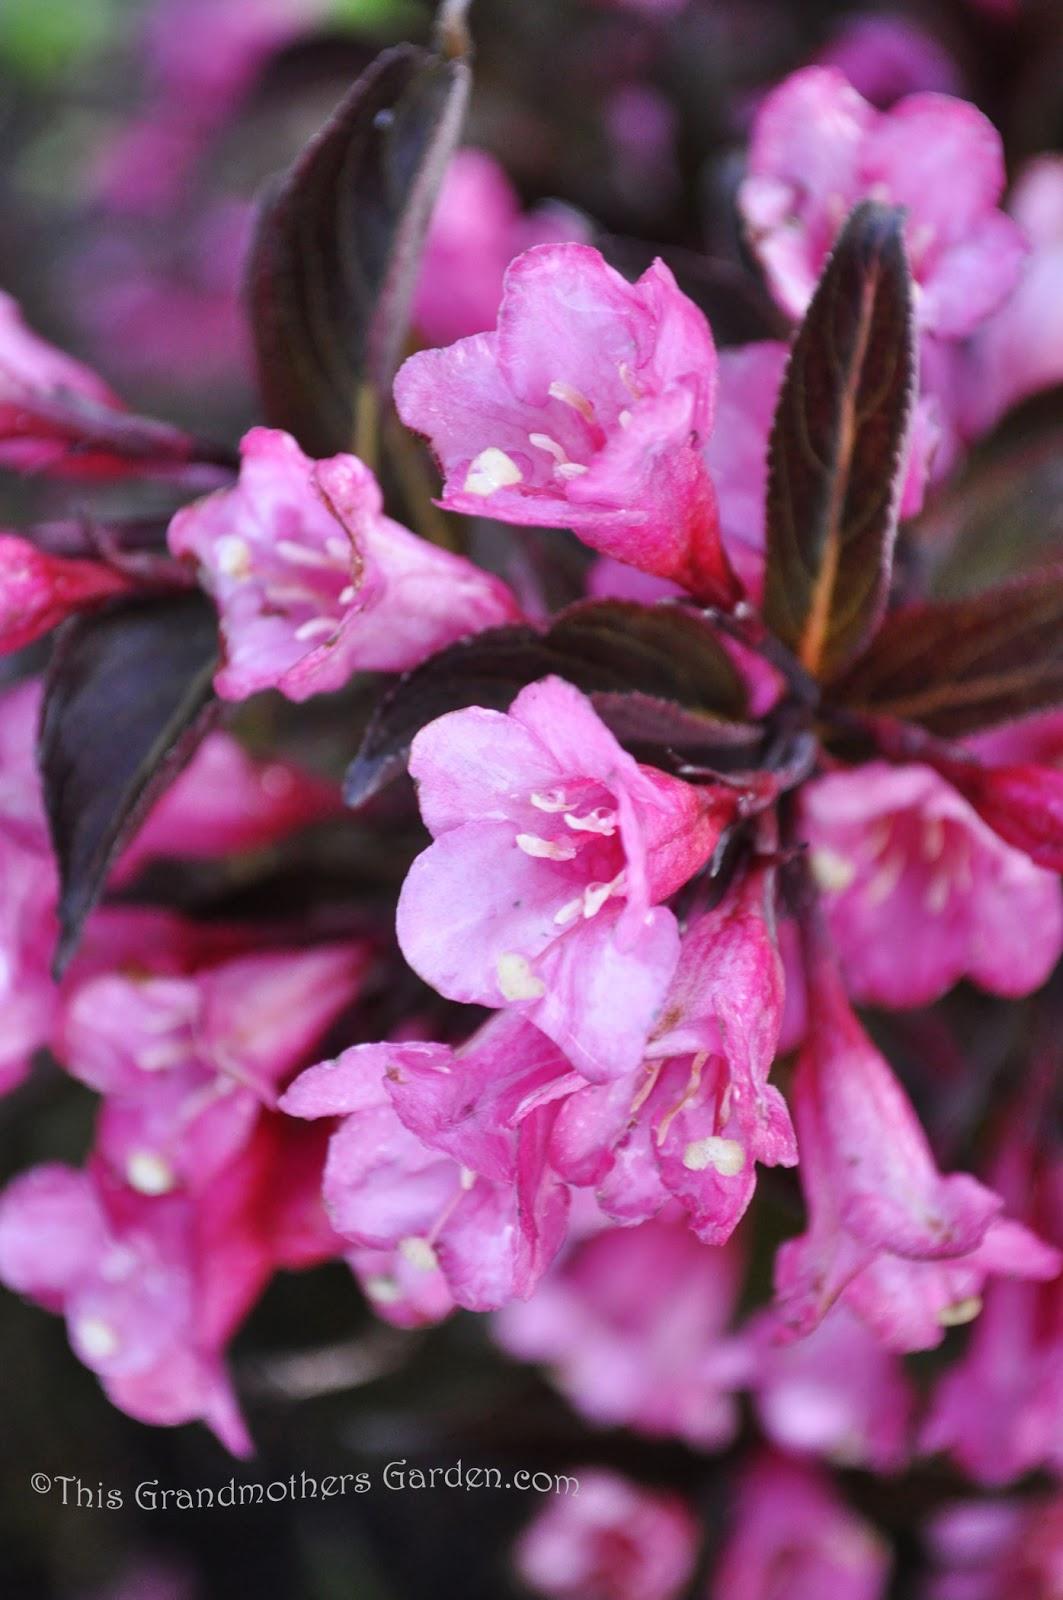 This Grandmother S Garden We Bloom Too